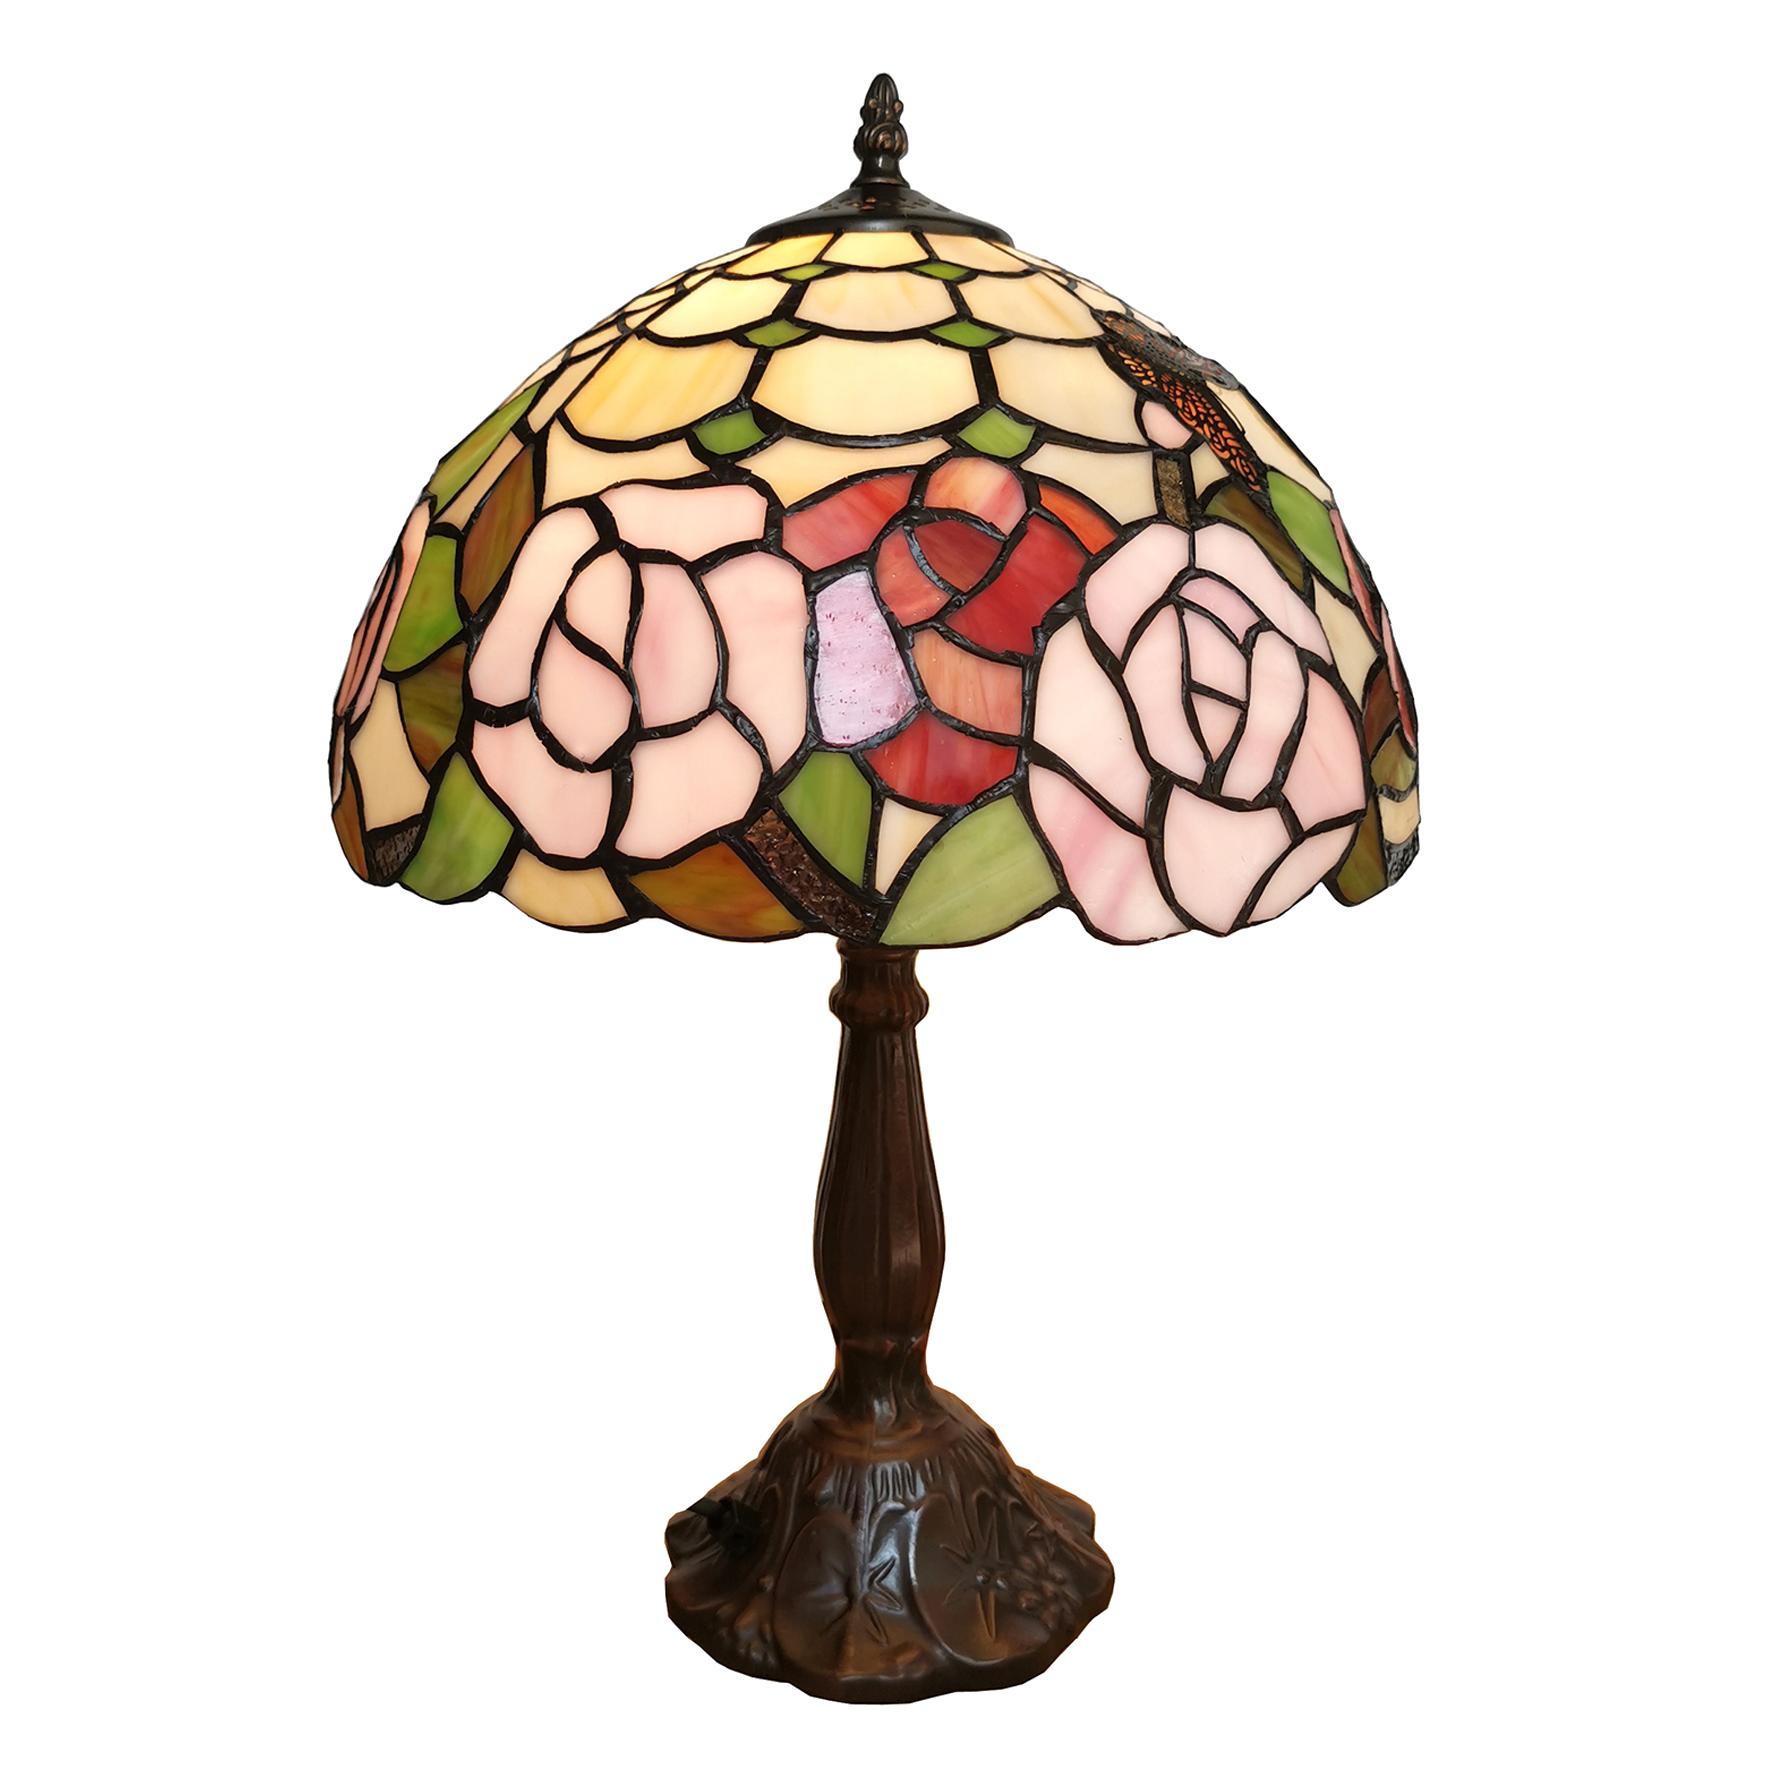 l 6020 Tiffany Tafellamp